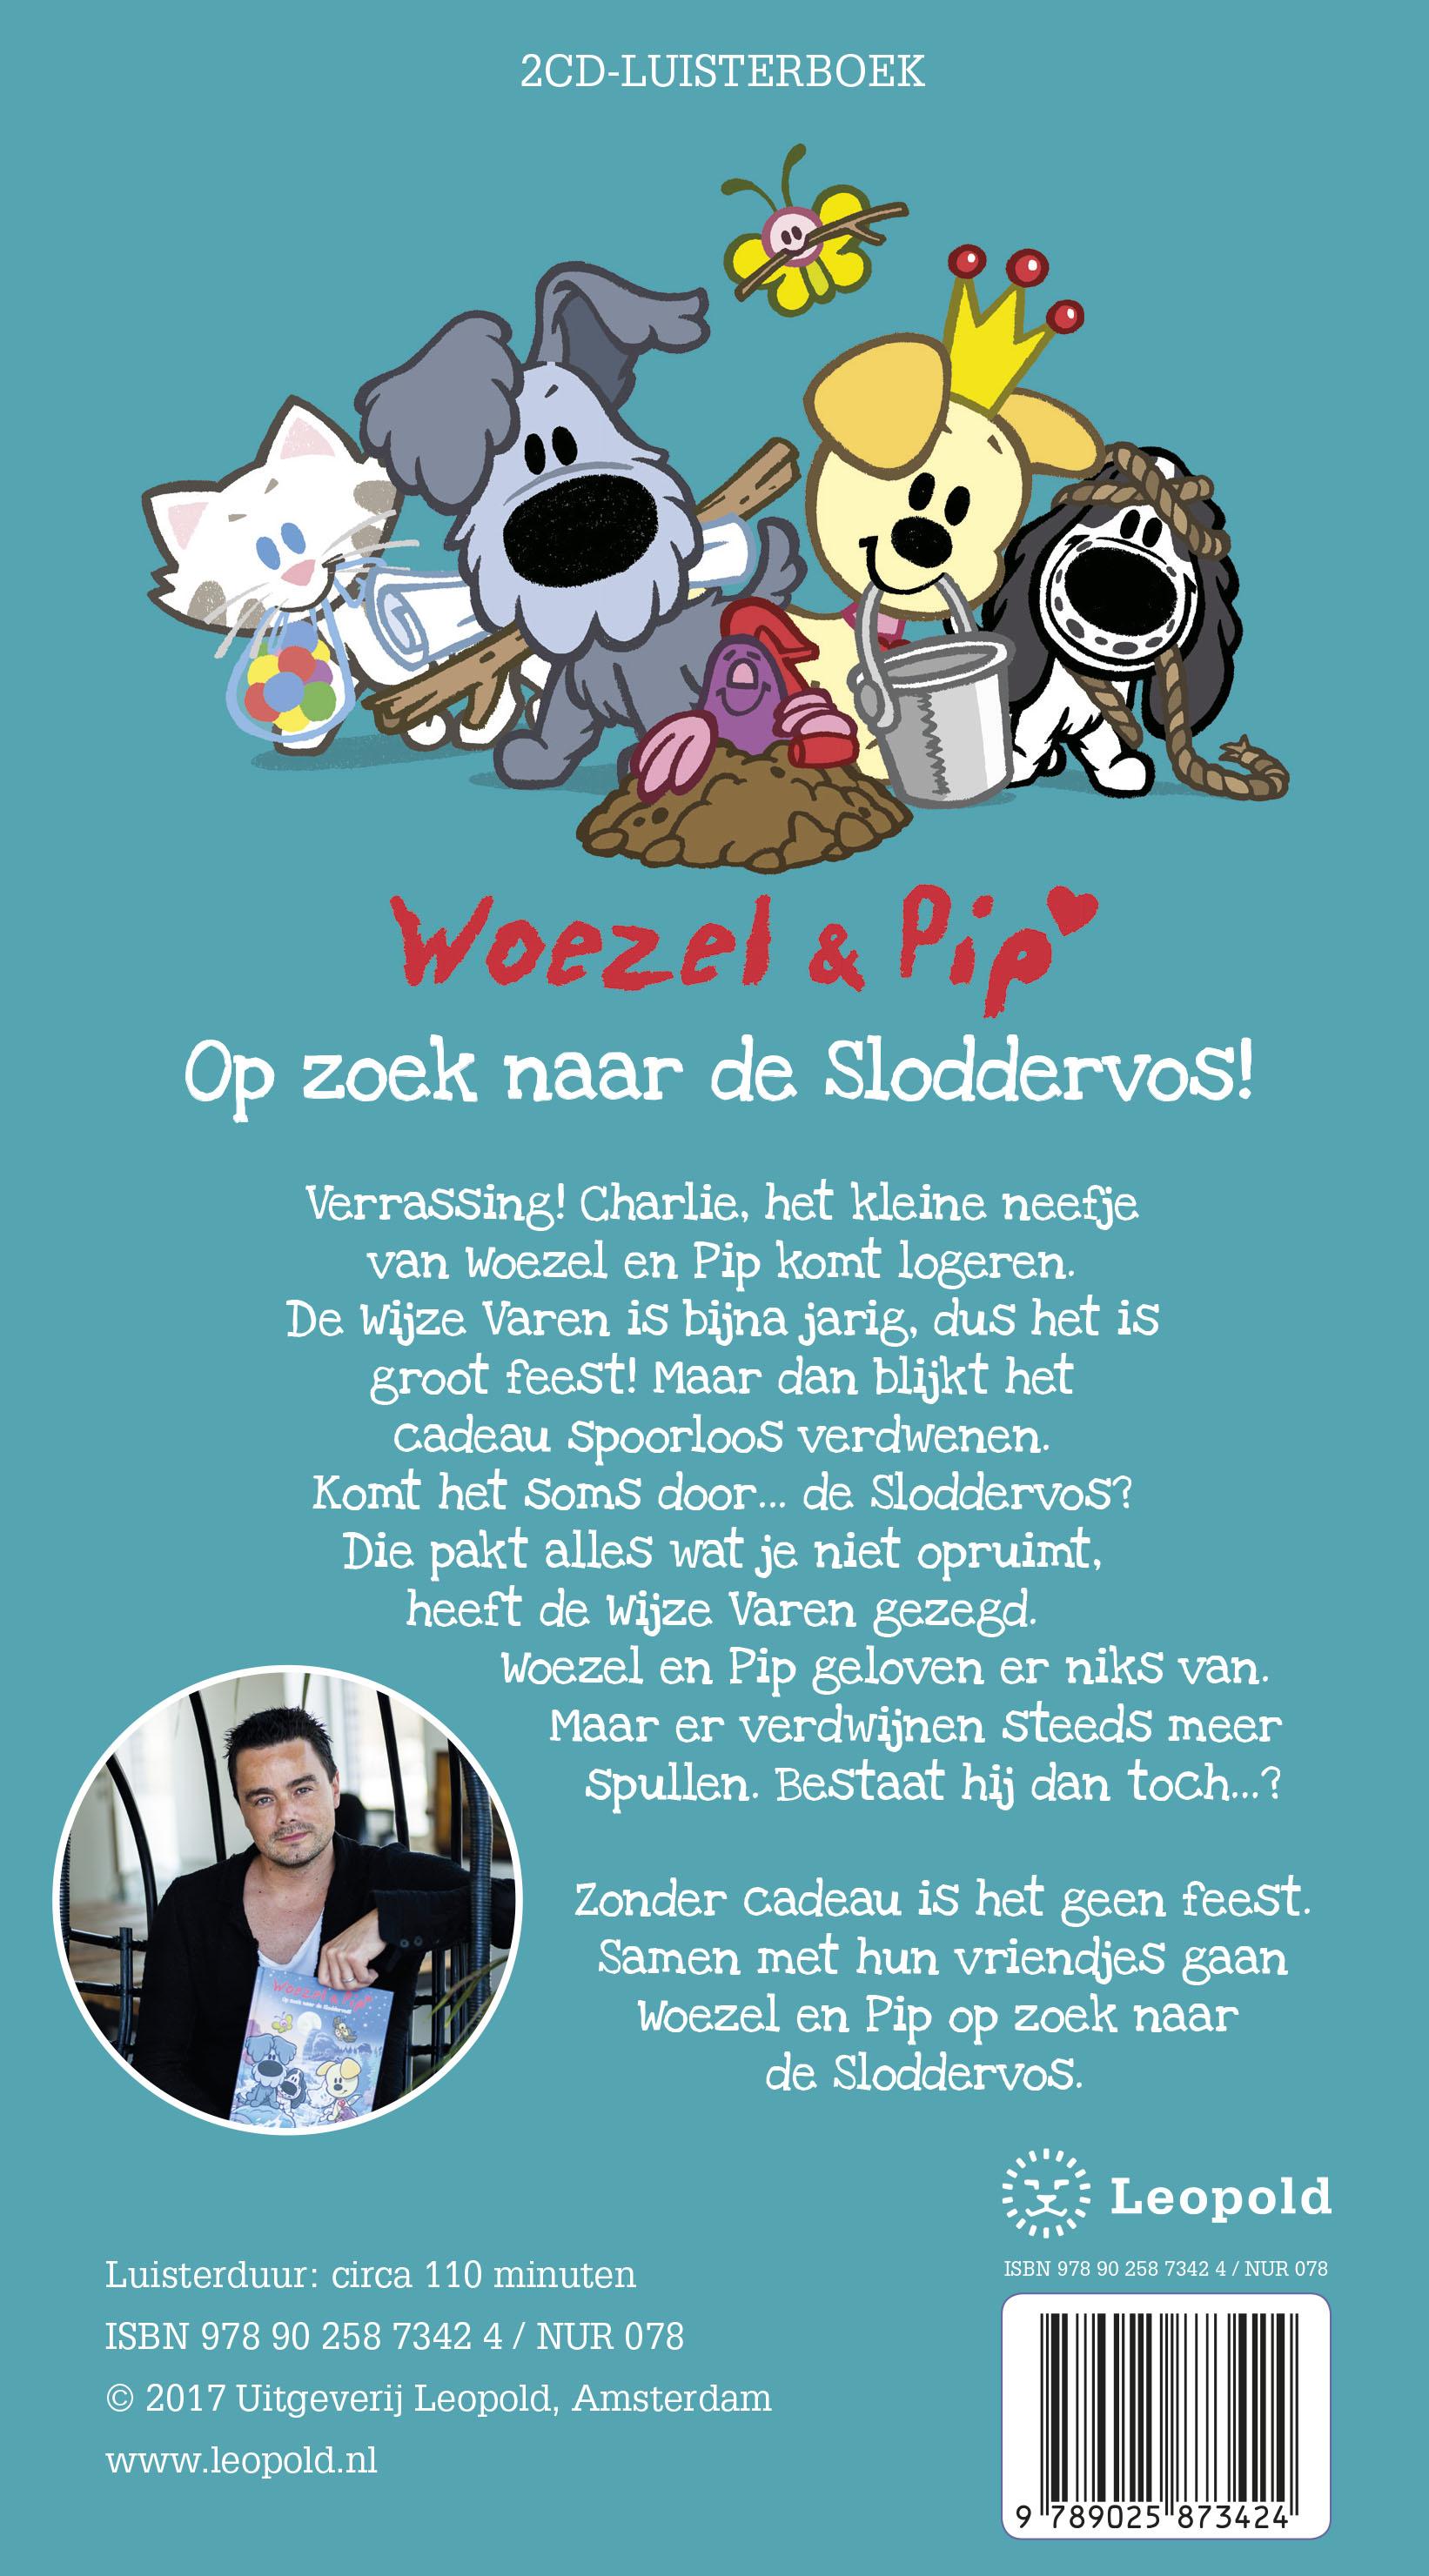 Woezel & Pip – Op zoek naar de Sloddervos!